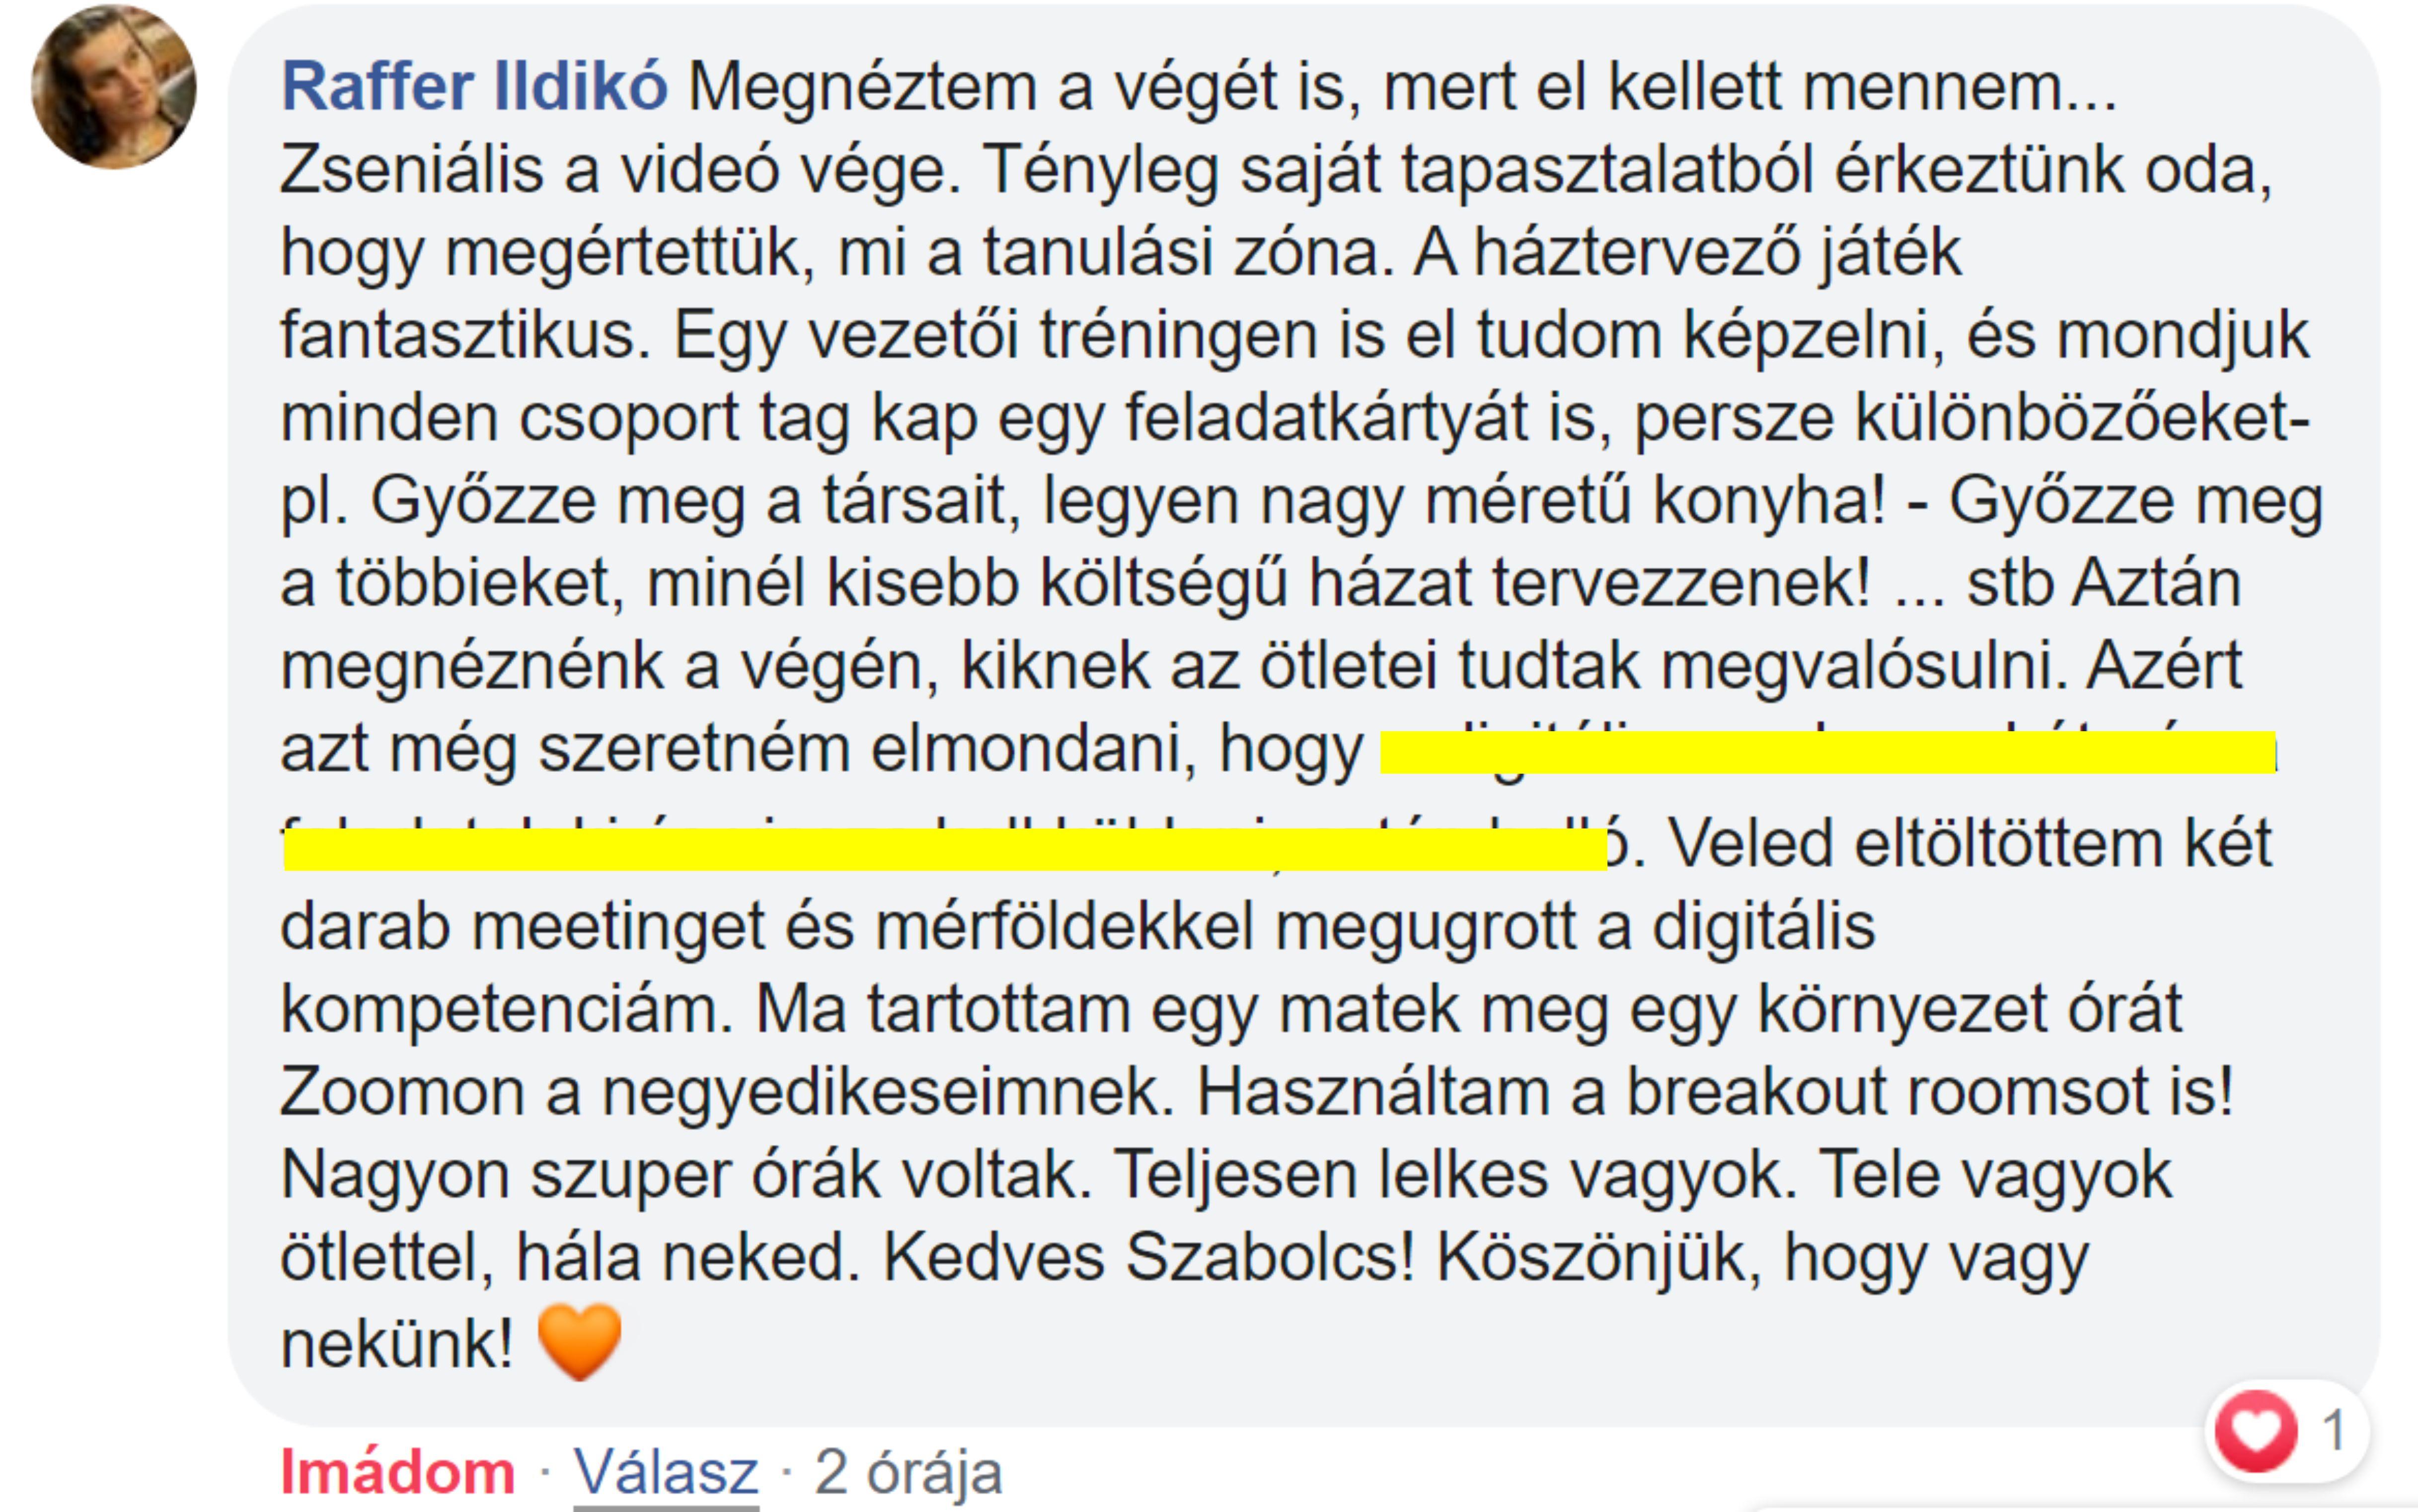 Raffai Ildikó